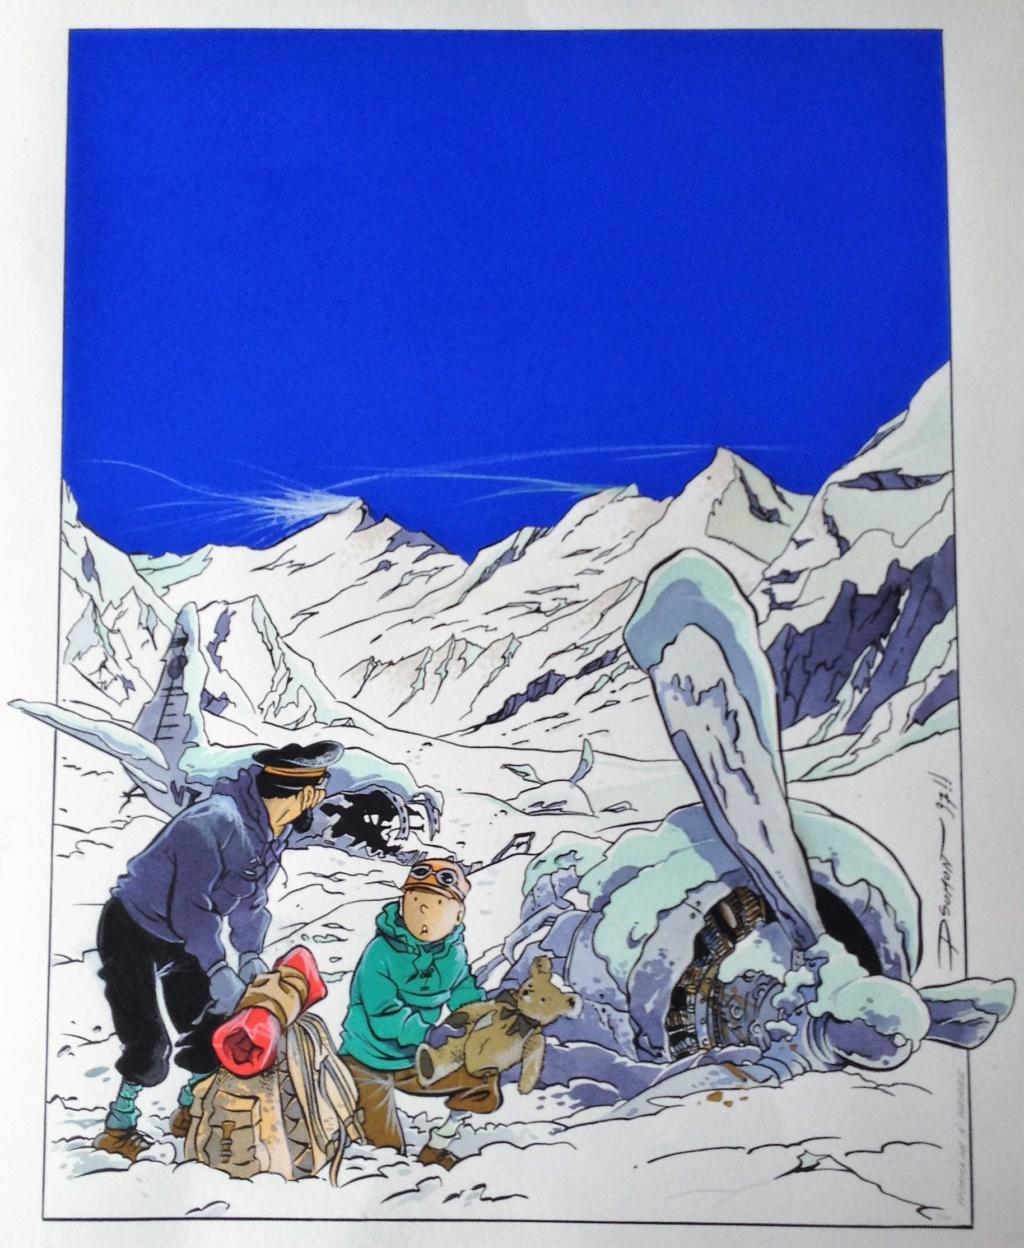 Les hommages entre les dessinateurs - Page 24 Somon-10